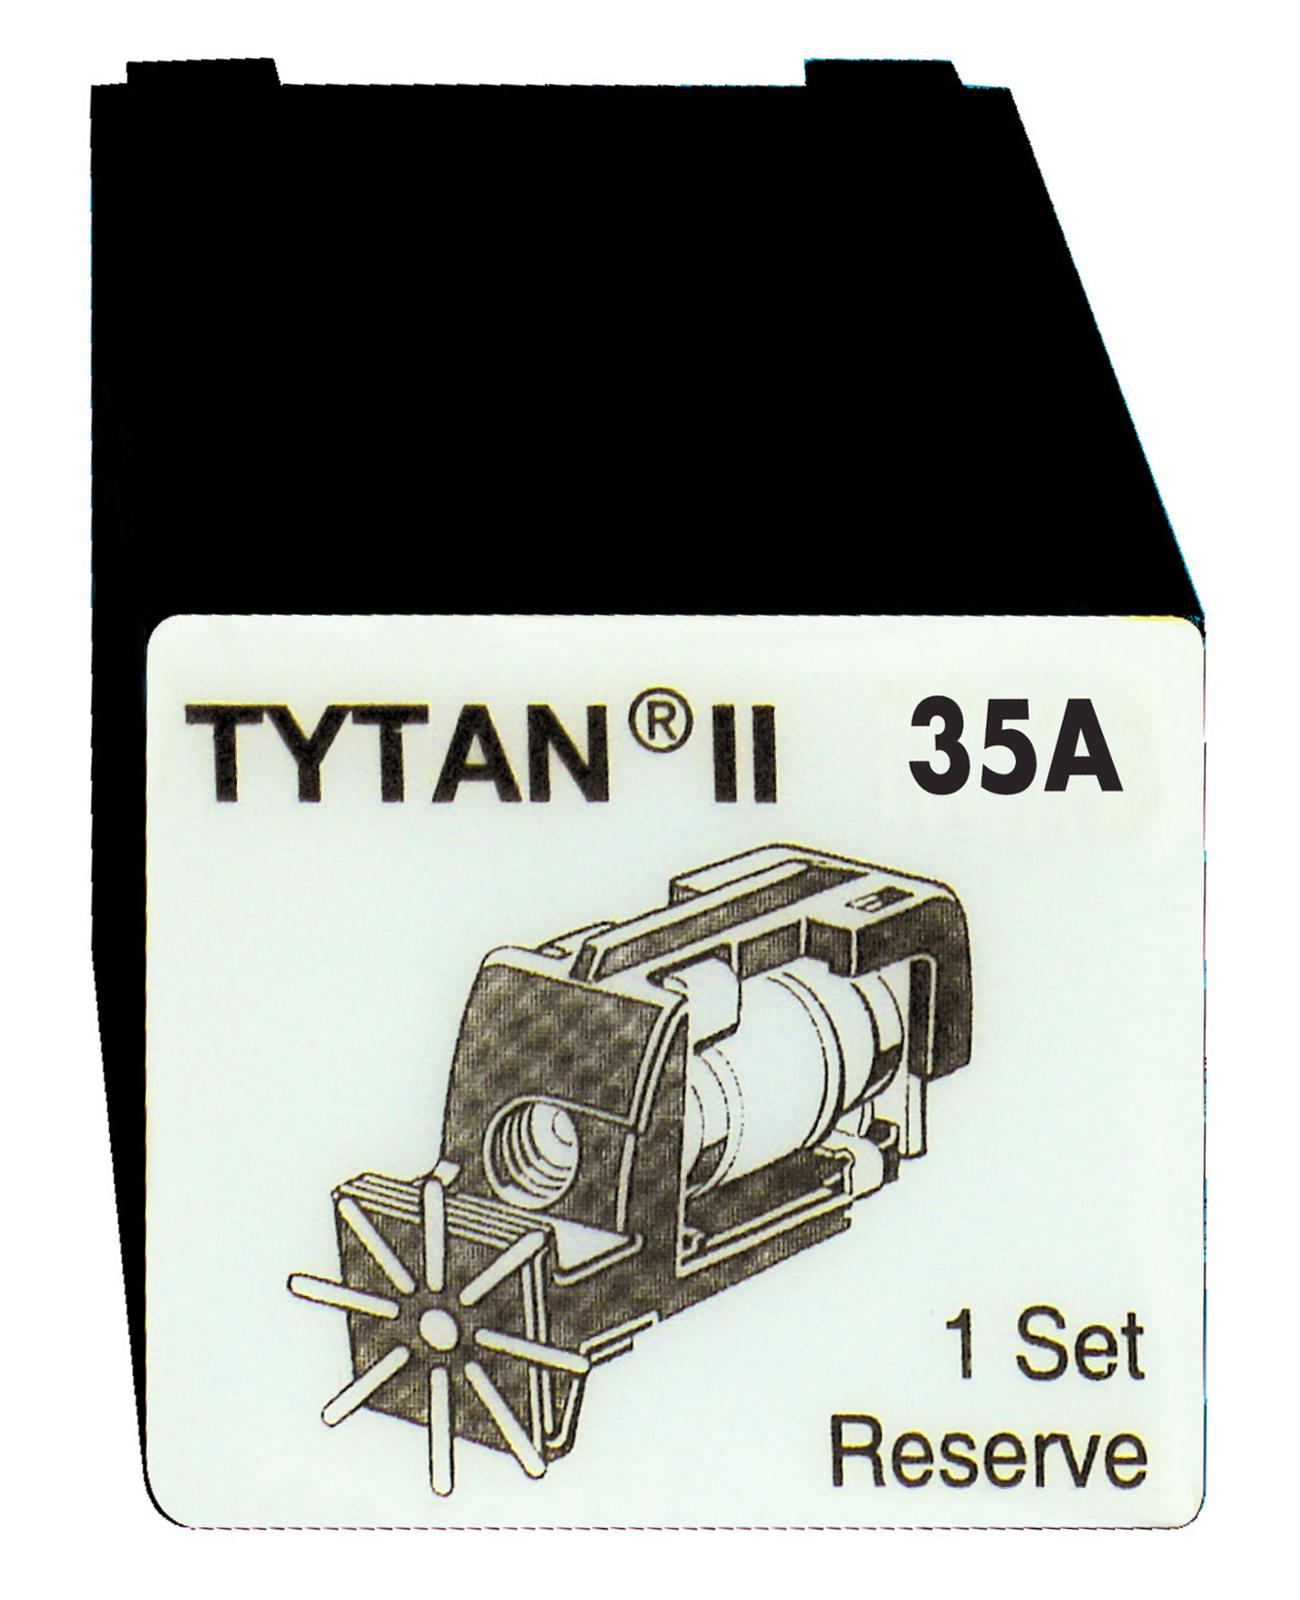 1 Stk Sicherungsstecker für TYTAN II 3x35A mit D02-Sicherung IS504717-A